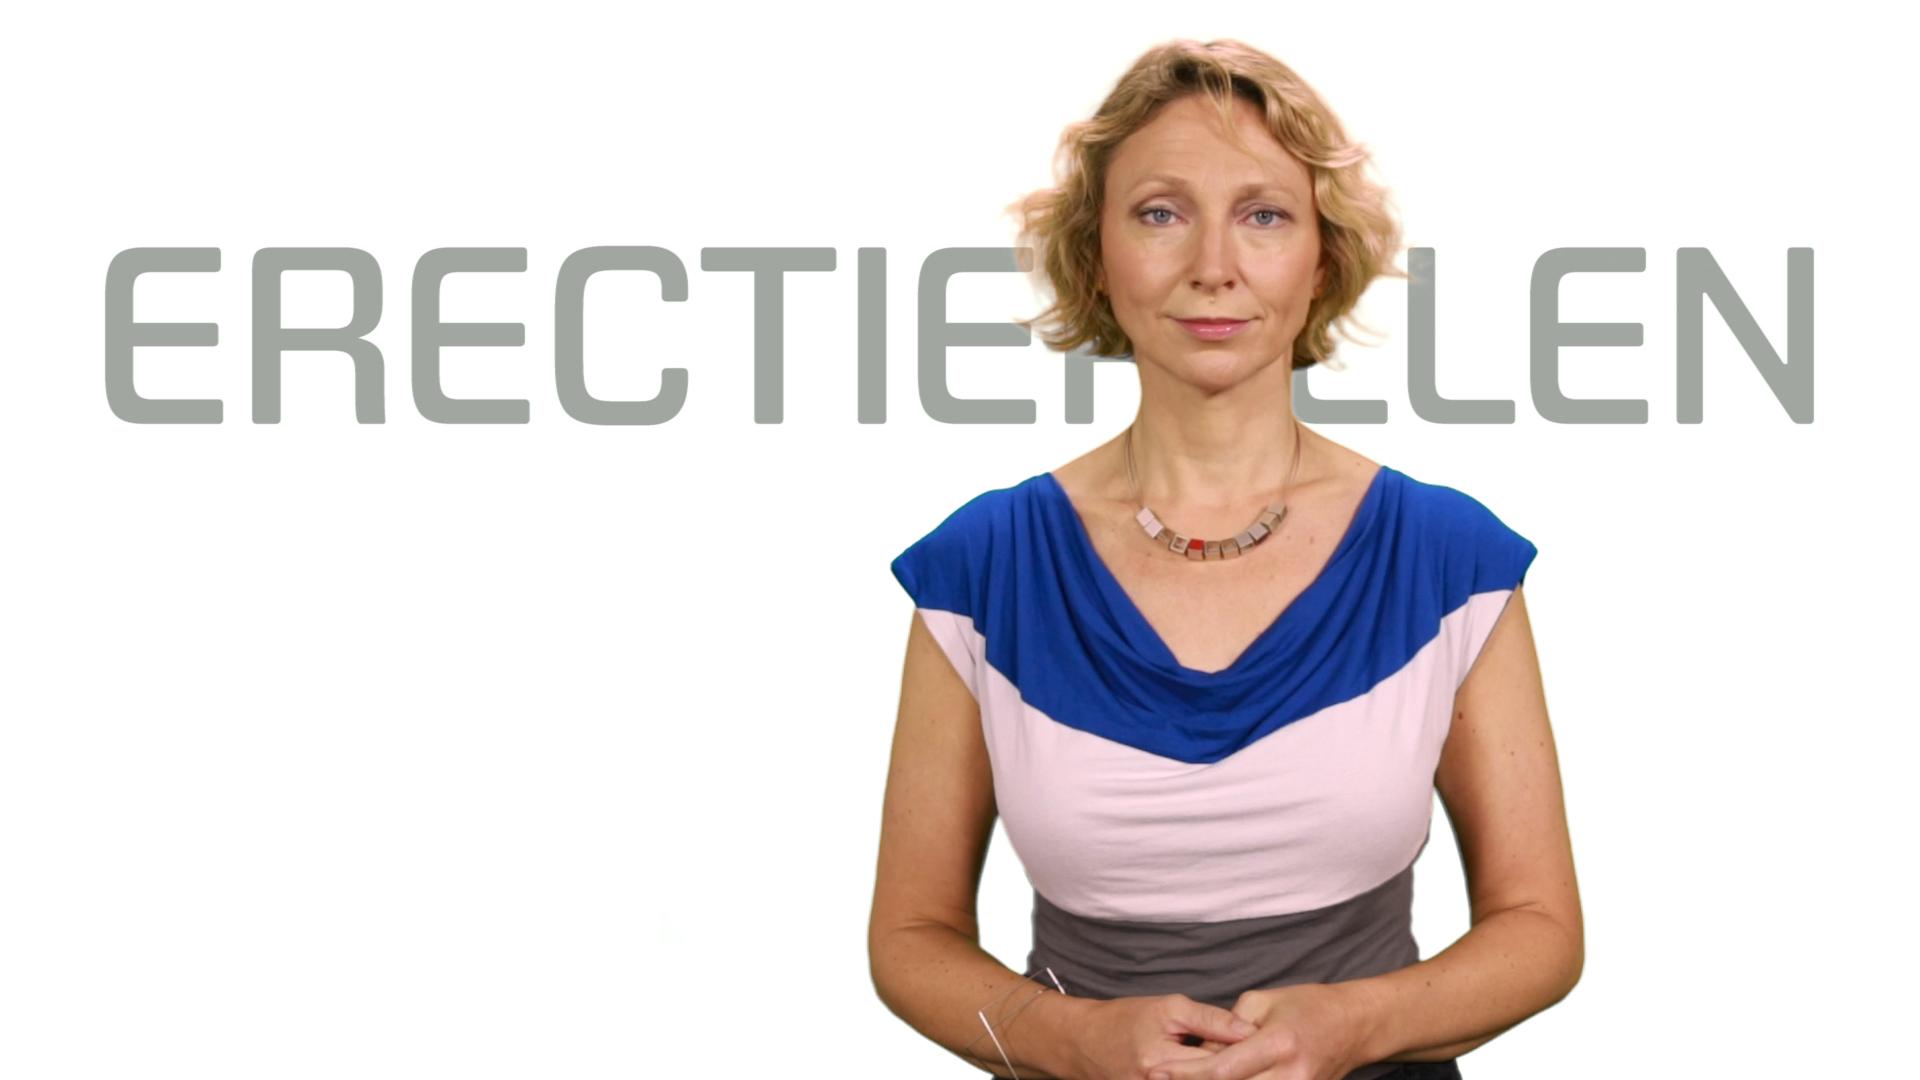 Bekijk de video: Erectiepillen